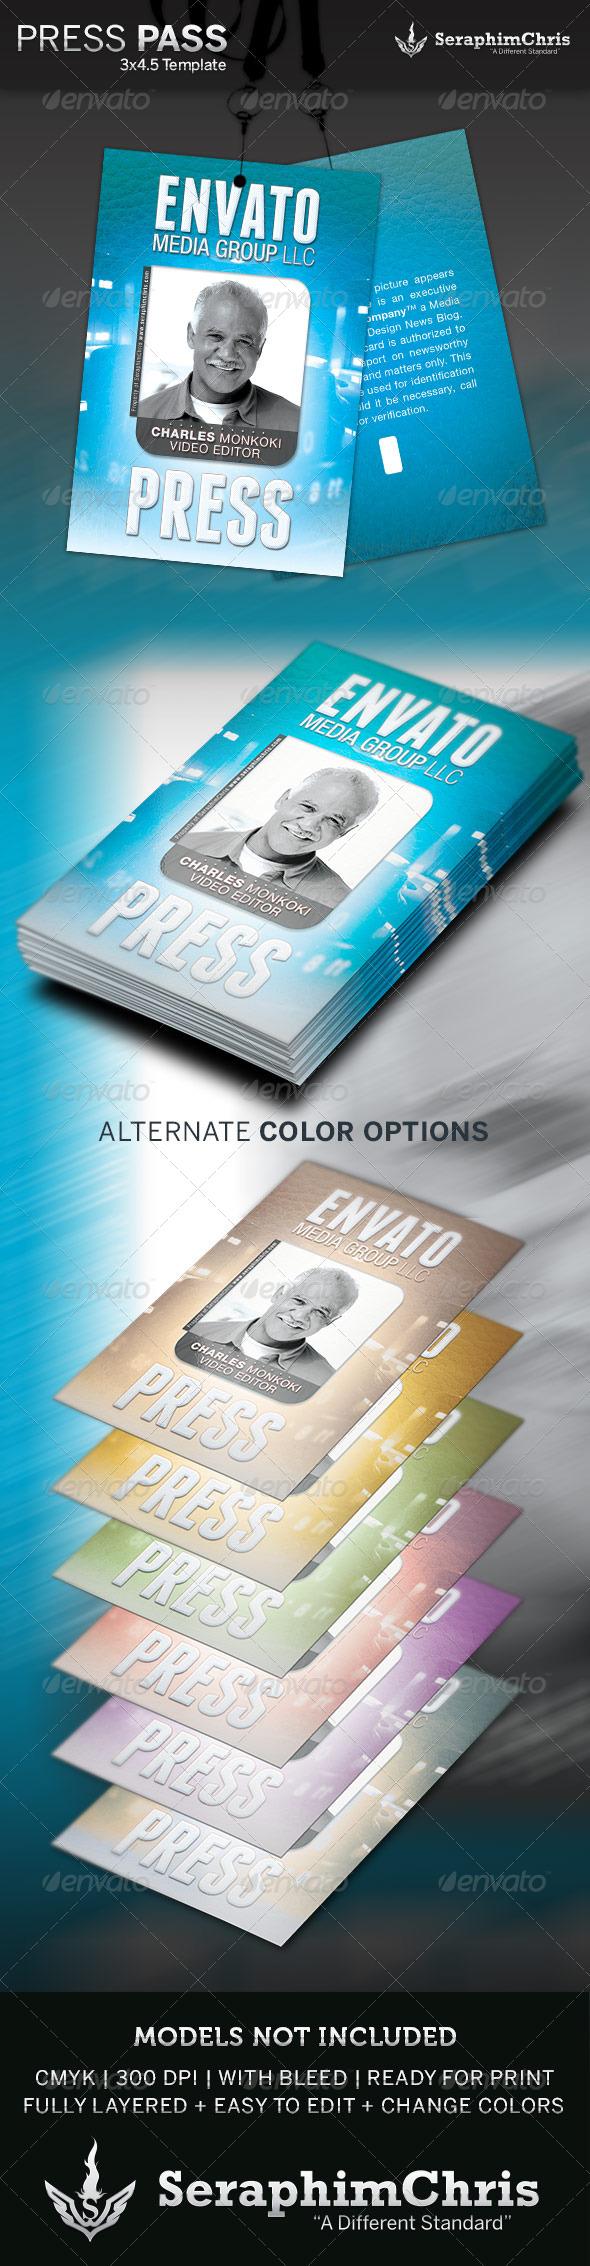 Press Pass Template